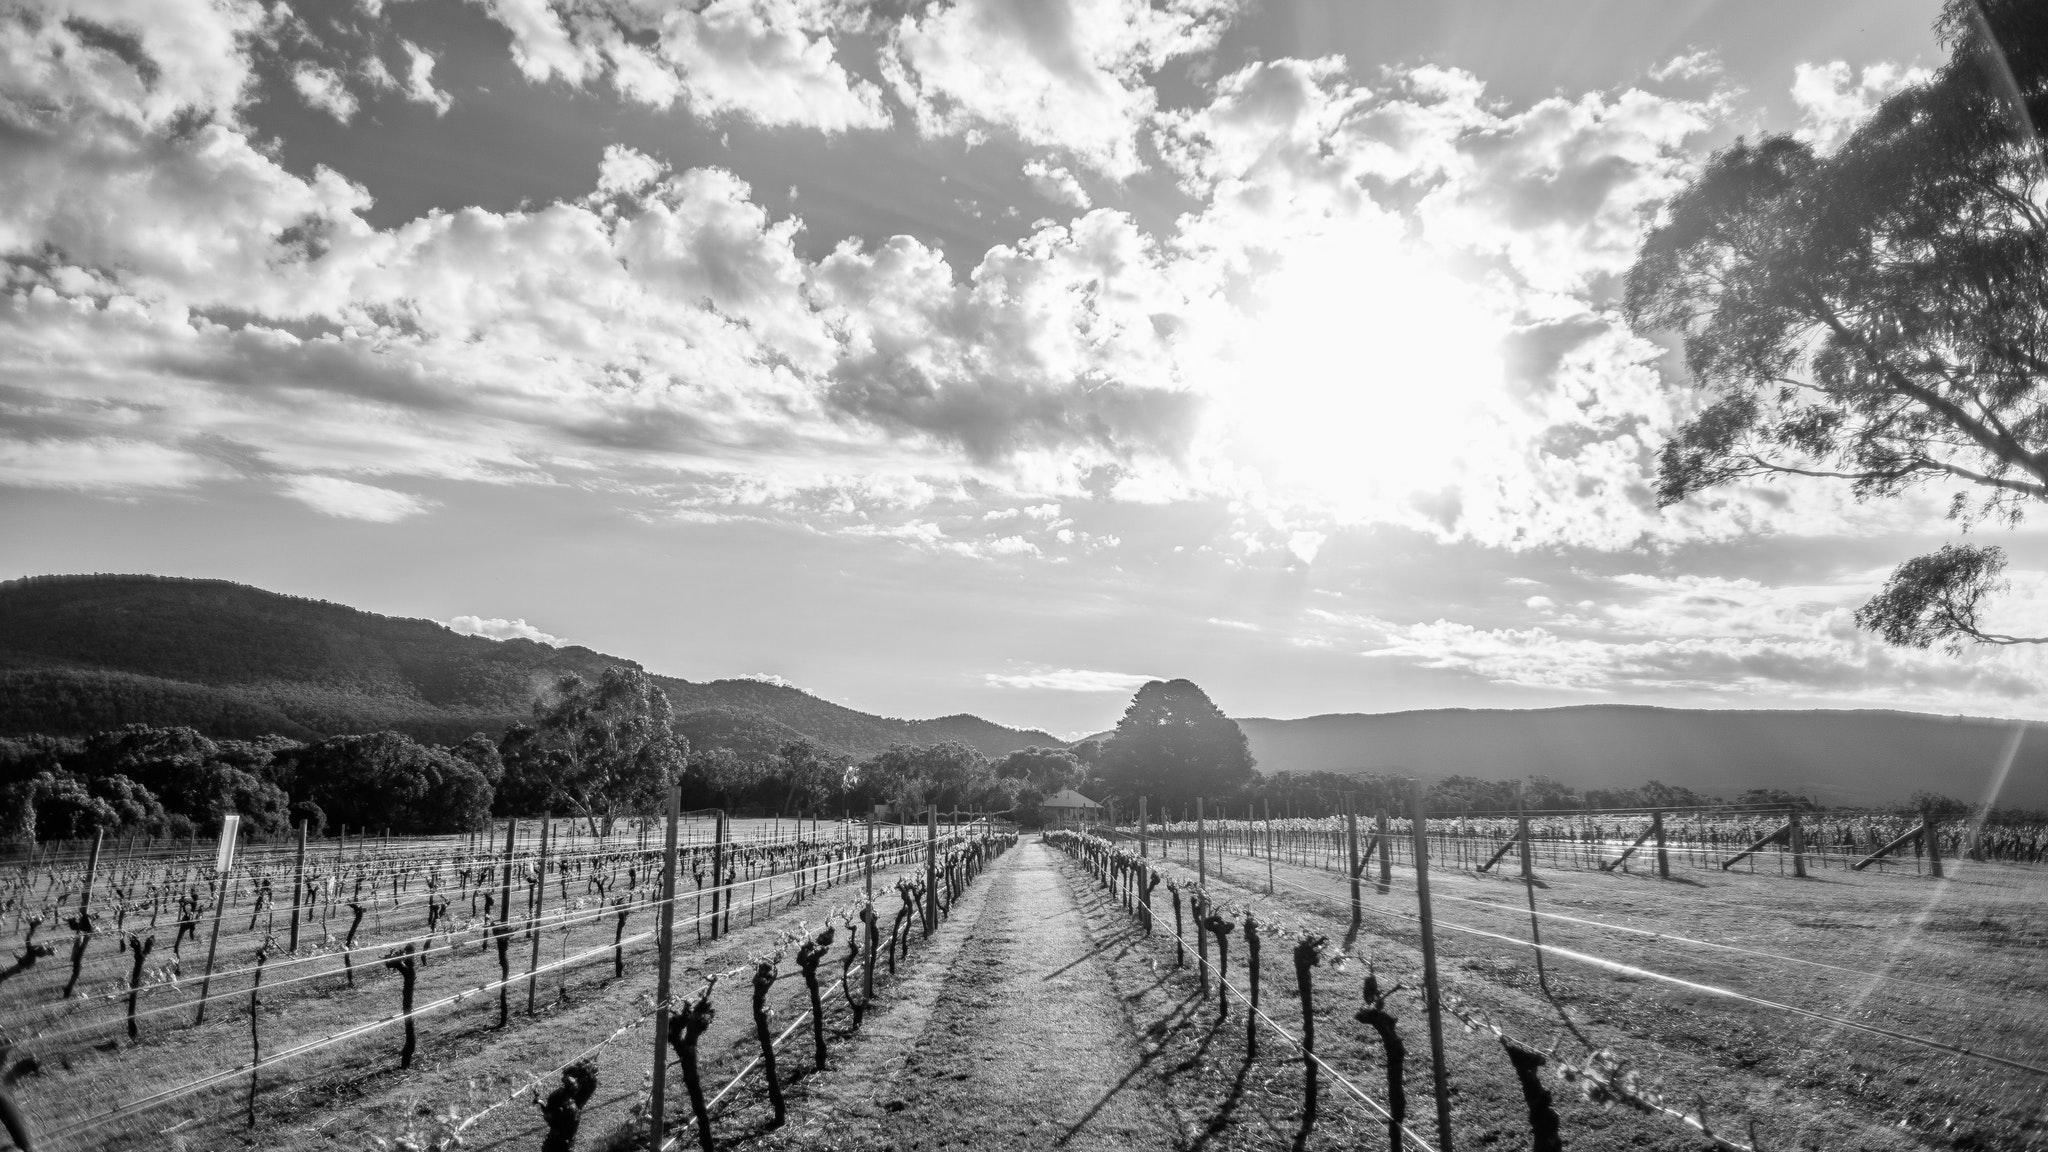 Halls Gap Estate - Fallen Giants Vineyard